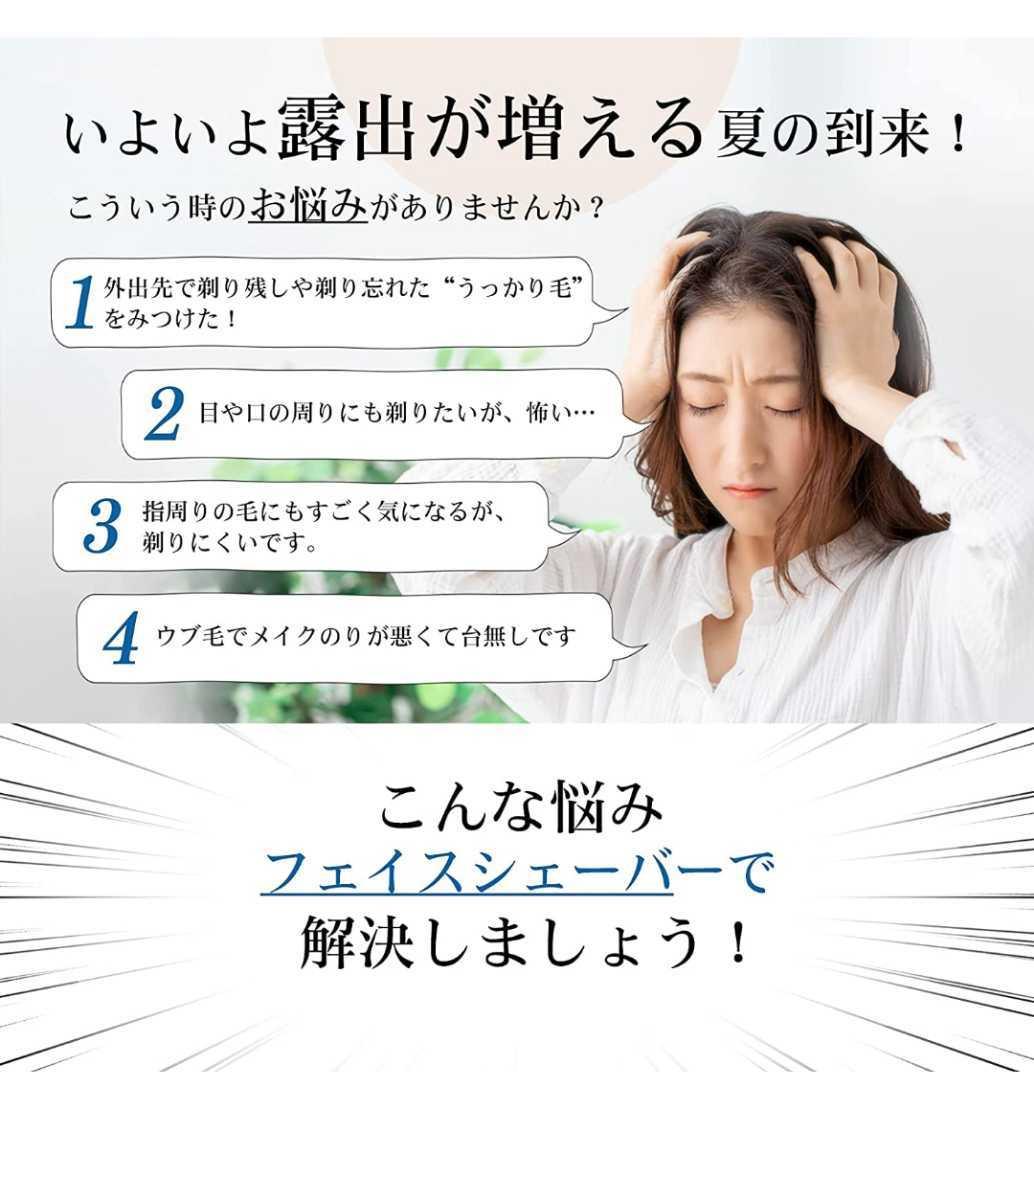 レディースシェーバー 女性用シェーバー 内蔵式回転刃 120分連続使用可能 電動シェーバー フェイスシェー 日本語説明書付き(ネイビー)